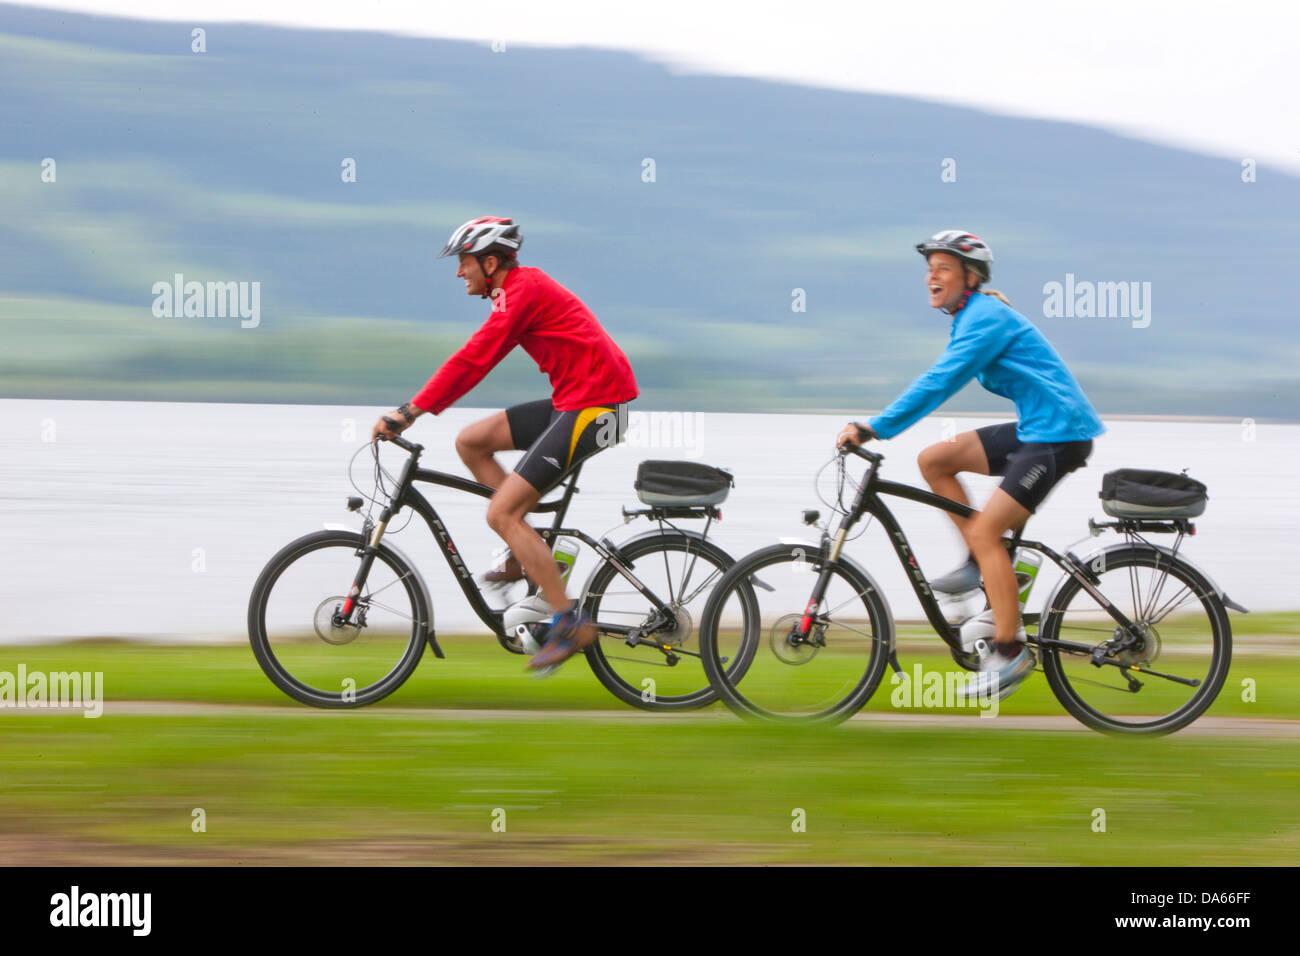 Vélo électrique, roue, Lac de Joux, location, vélos, vélo, équitation, vélo, Tourisme, Photo Stock